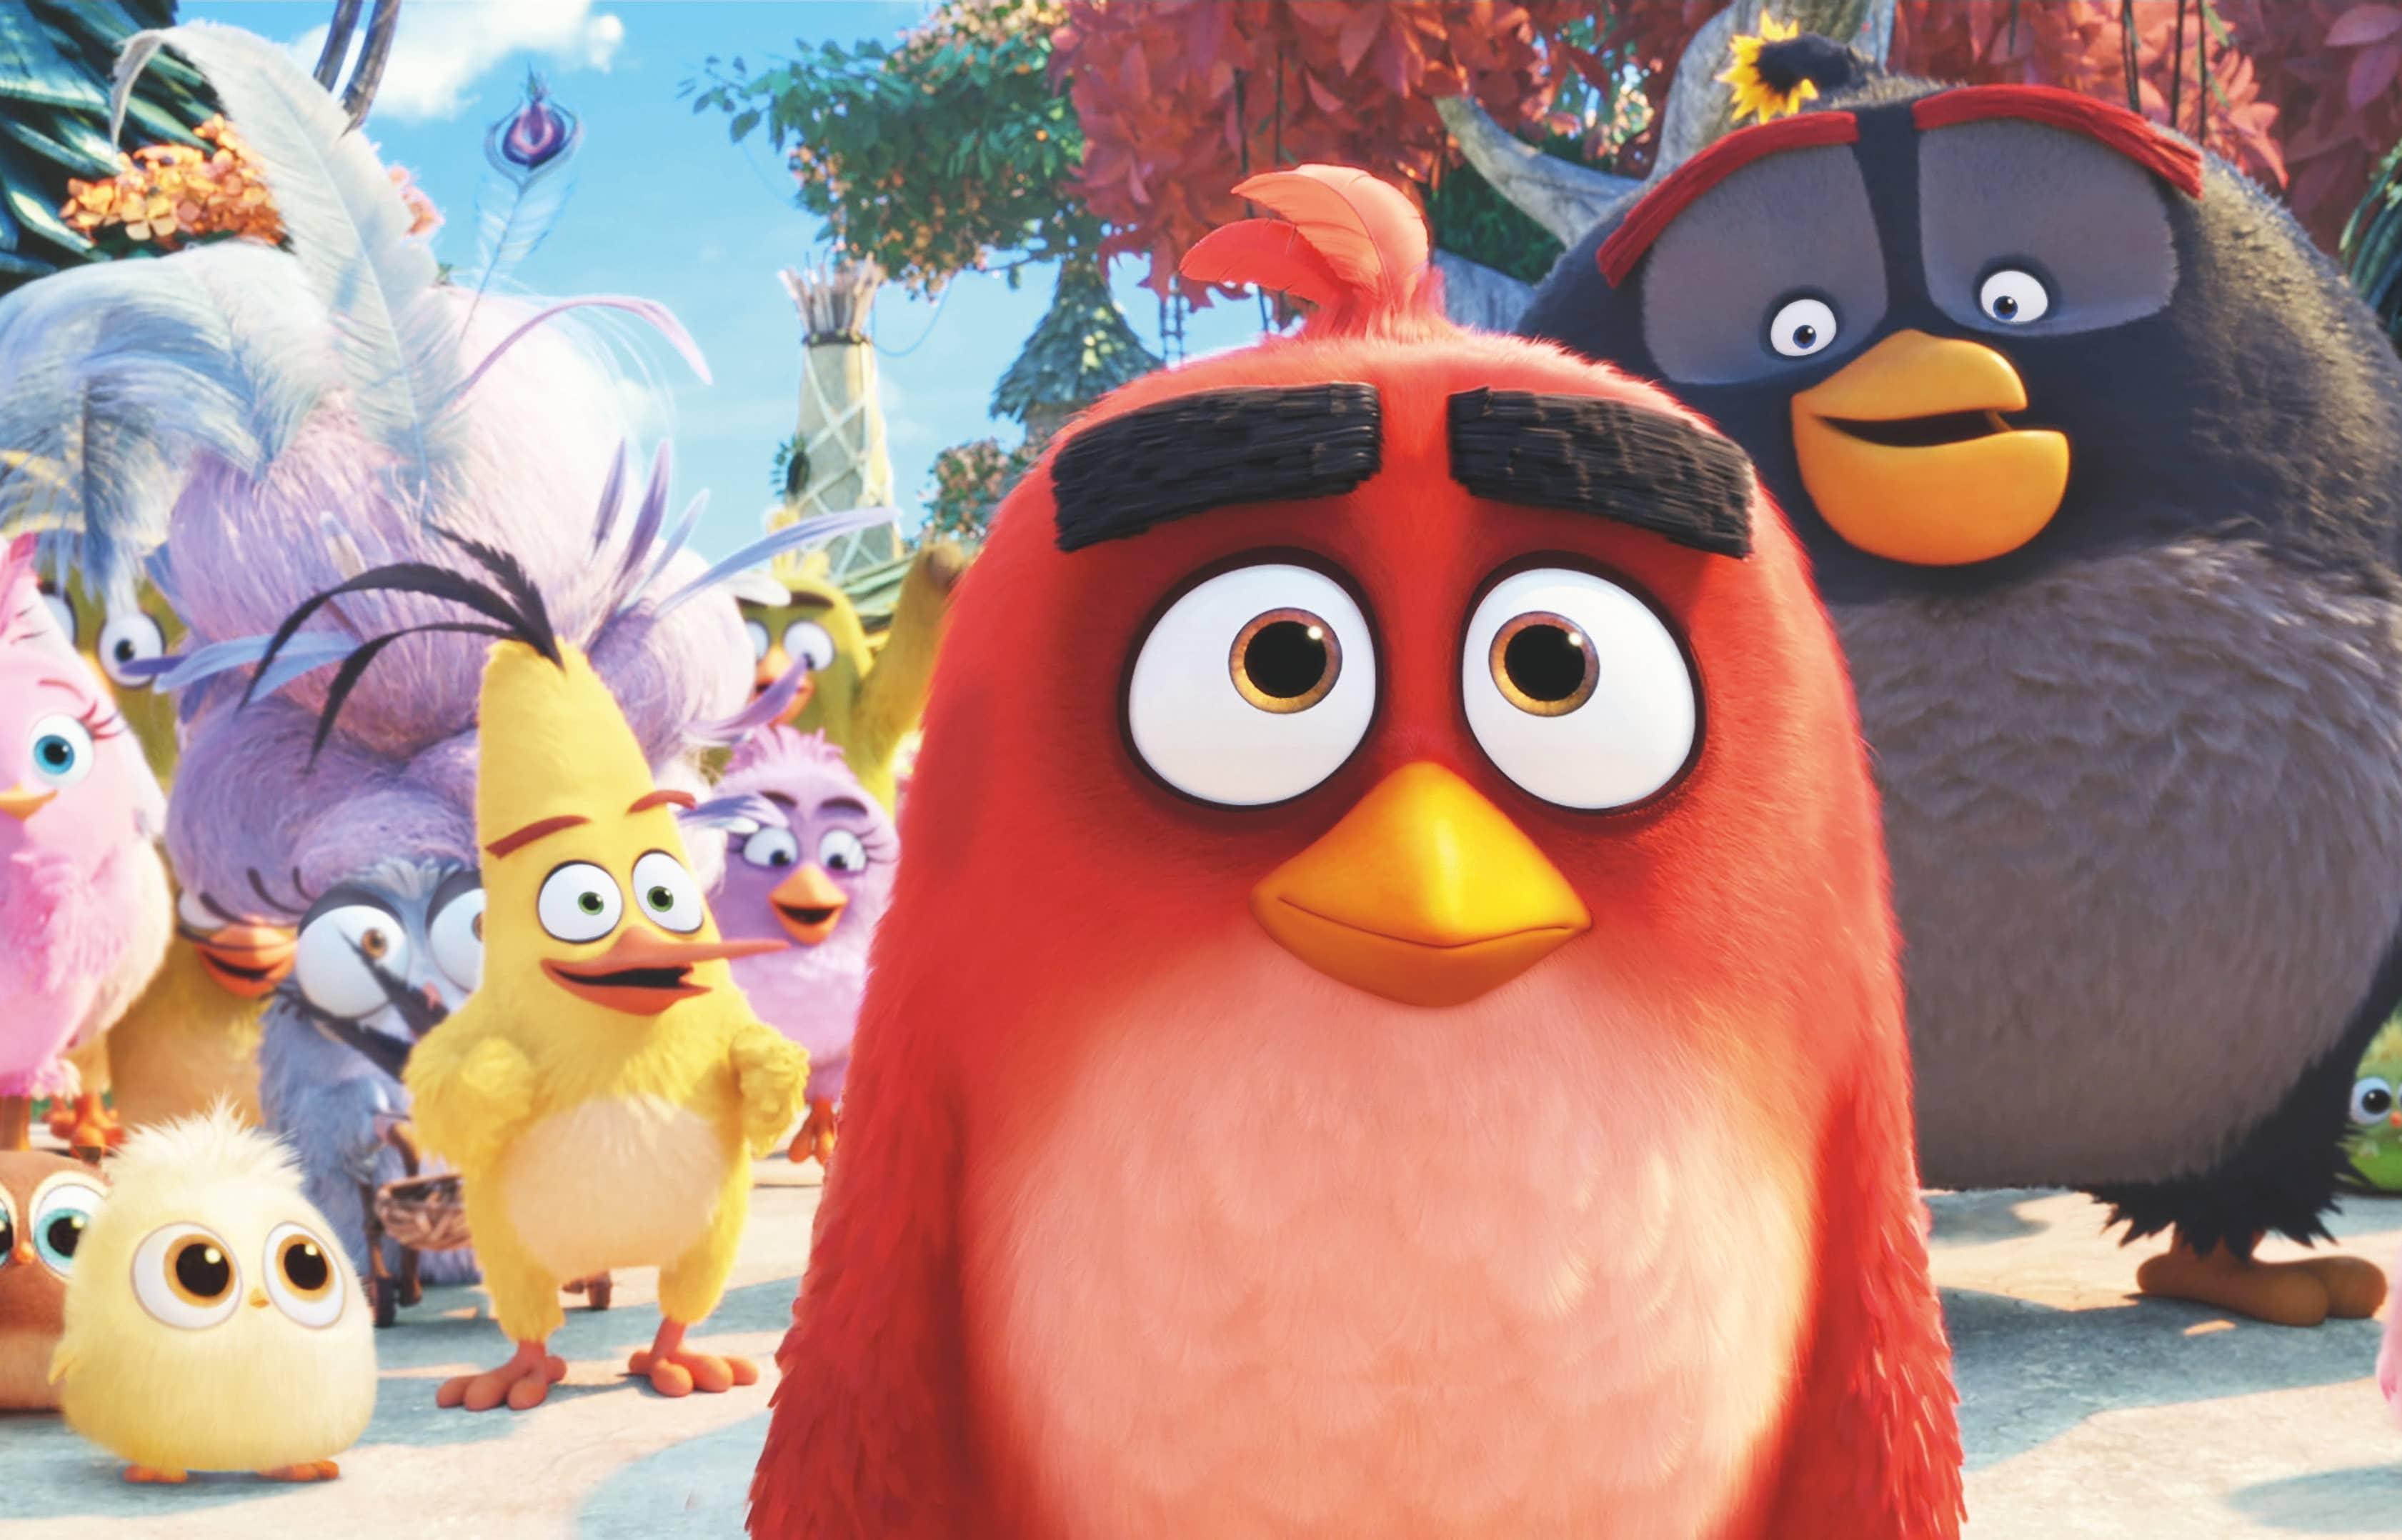 """Angry Birds 2, La Película Derbez: """"Los Mejores Jefes No Son A Quienes Les Temes, Sino A Quienes Admiras"""""""